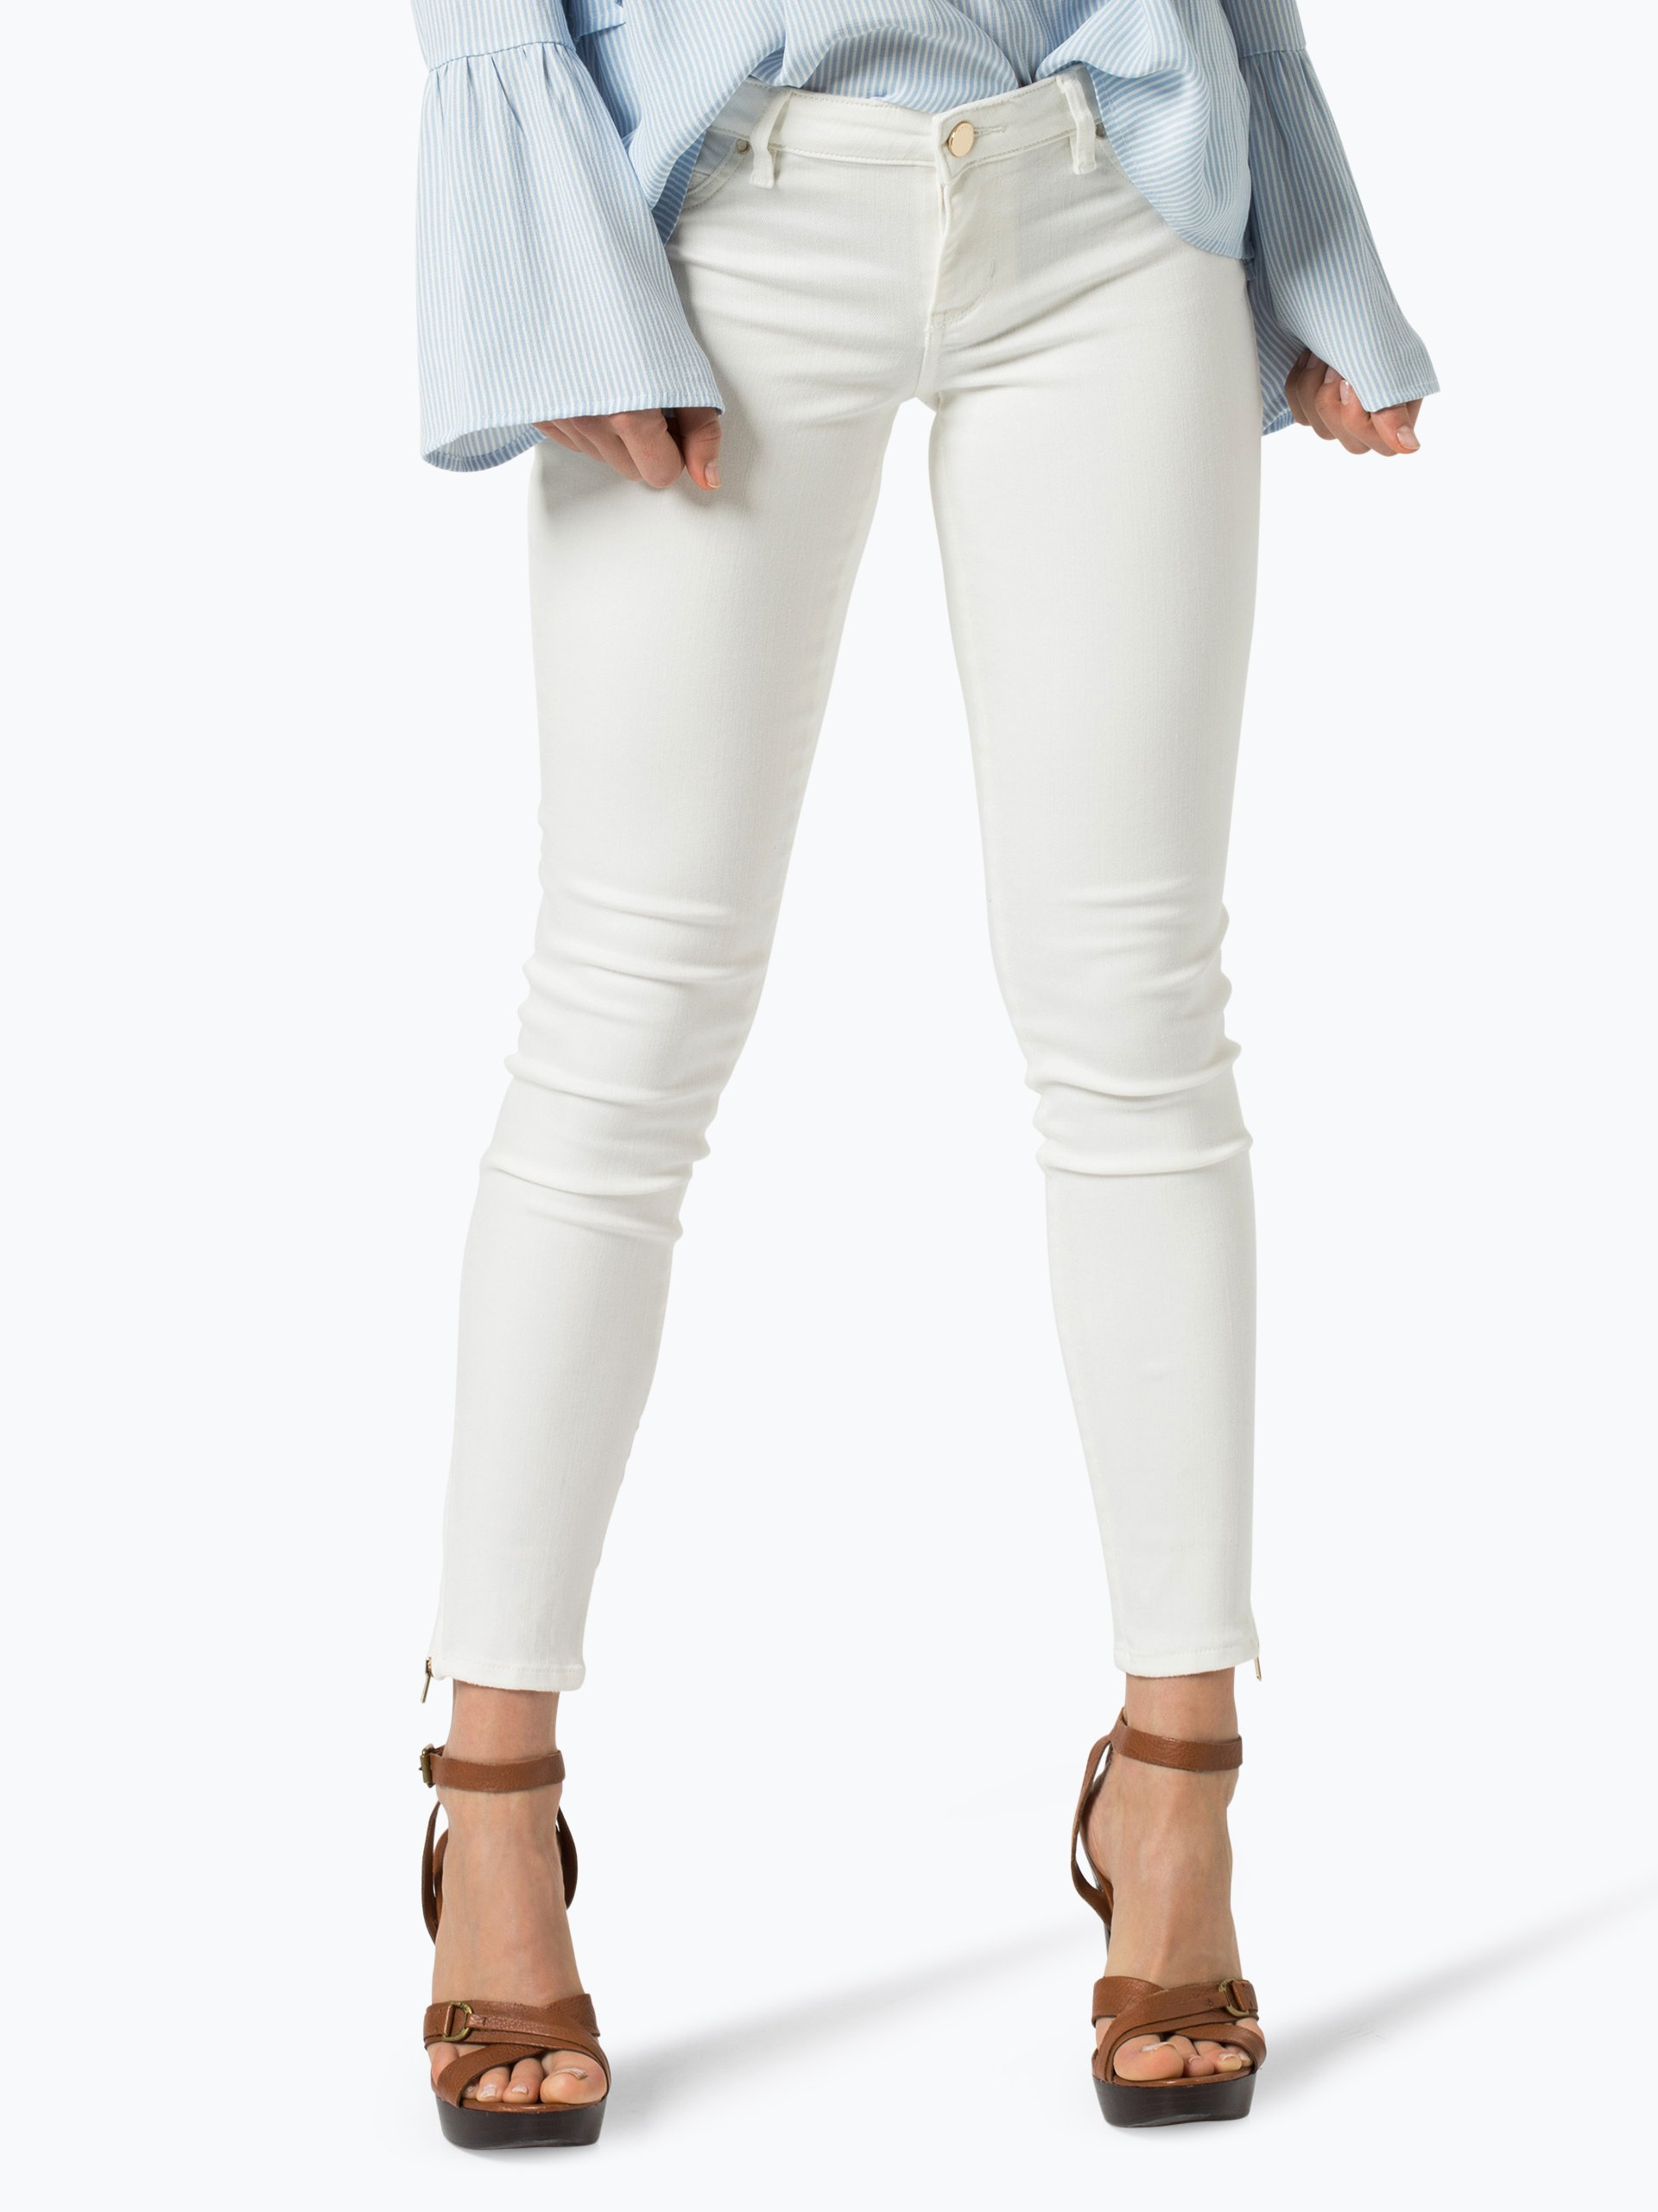 Guess Jeans Damen Jeans - Marilyn